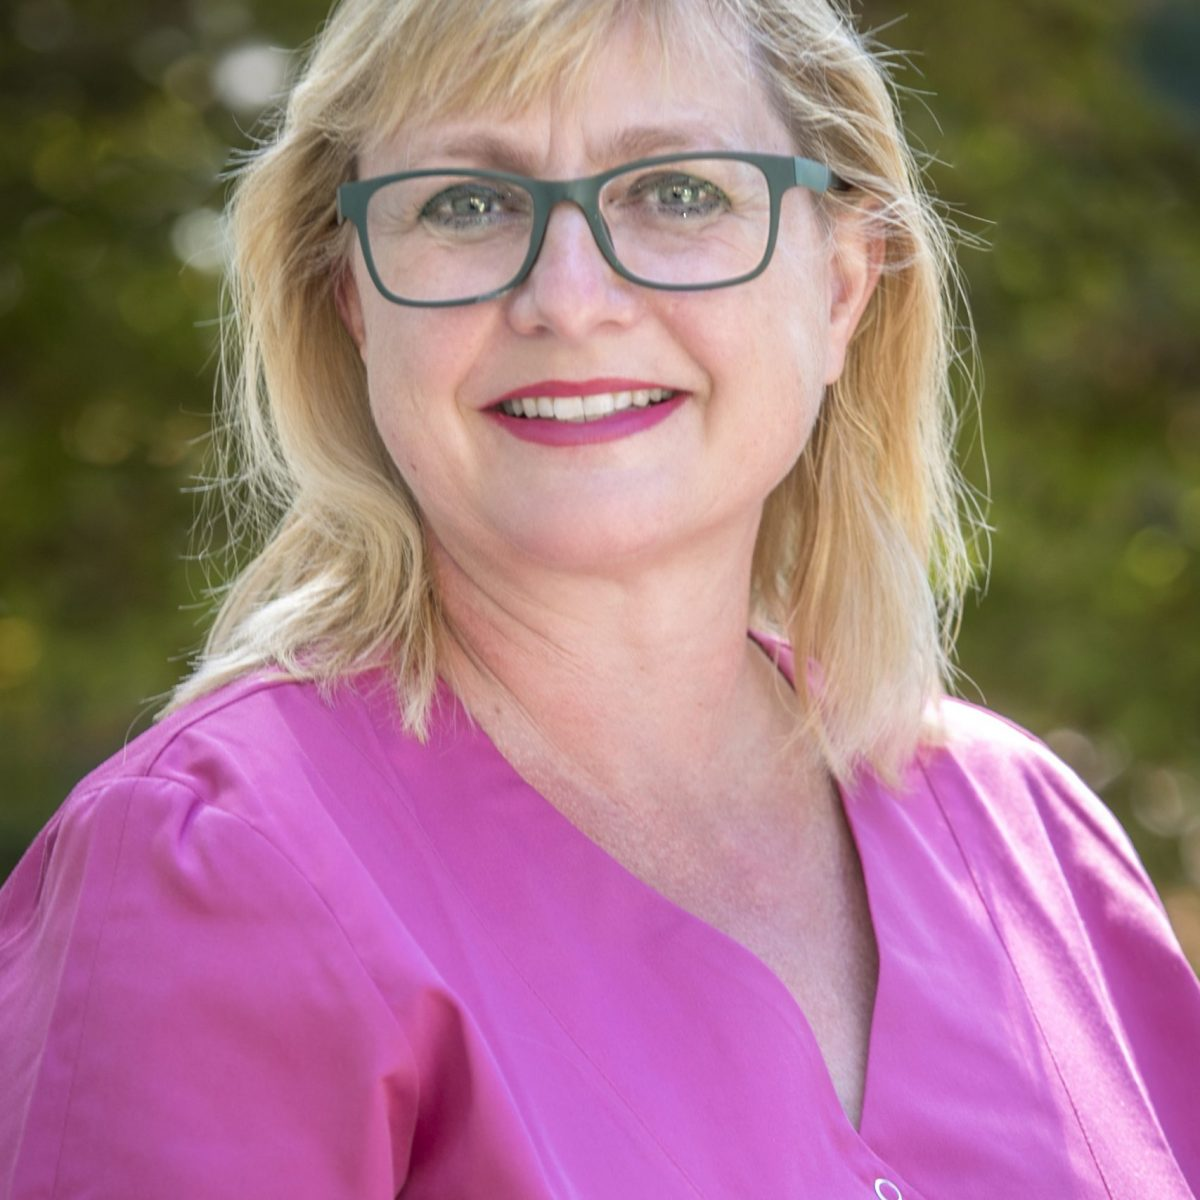 Zahnarzt Ulm Dr. Brigitte Mösch